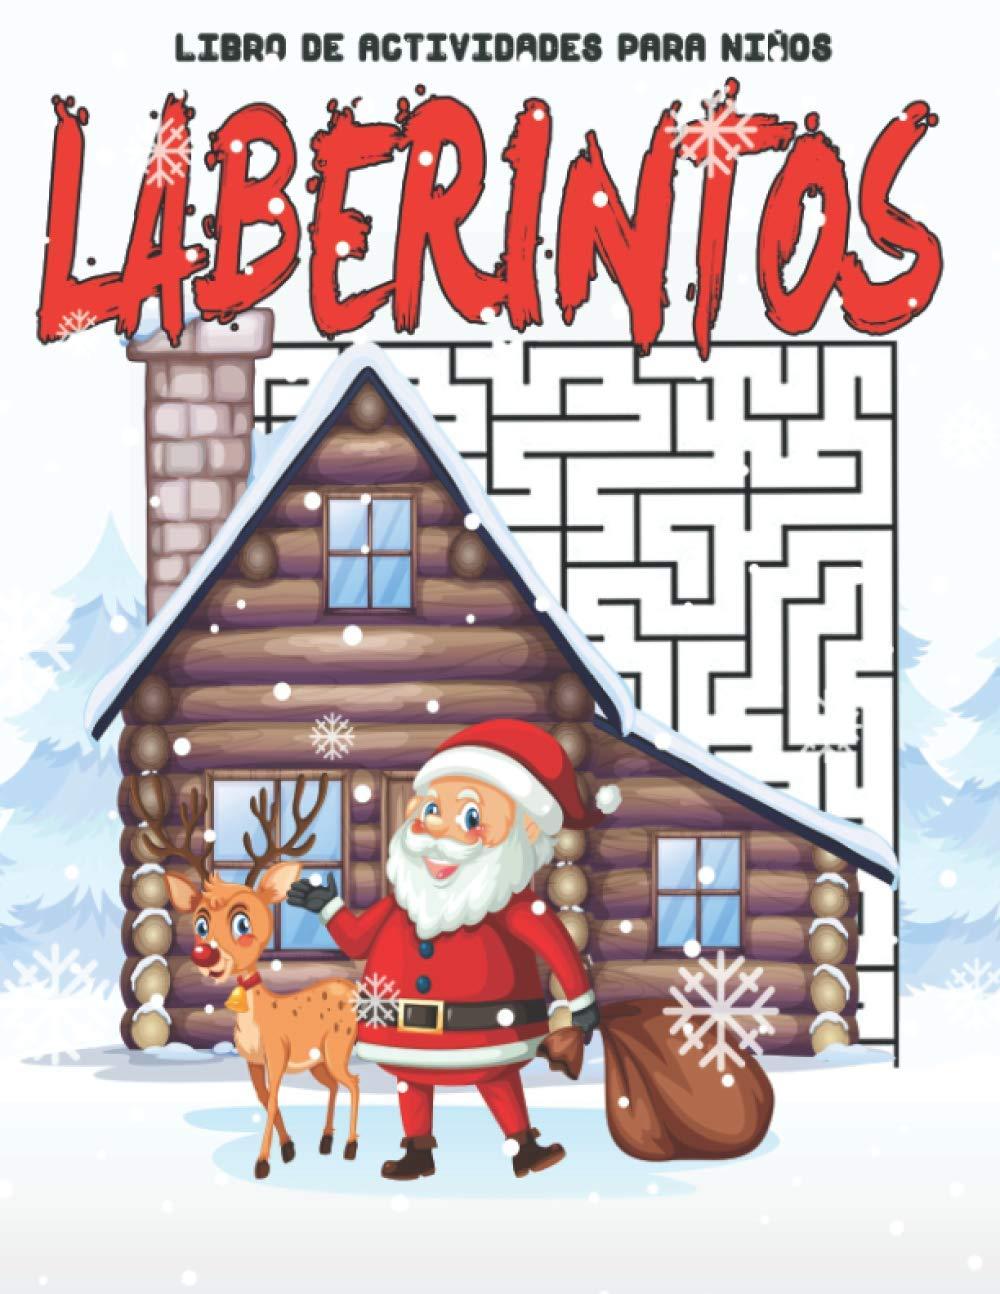 Laberintos: Libro de actividades de navidad - Posible-imposible laberintos para niños Busca y encuentra 100 laberintos